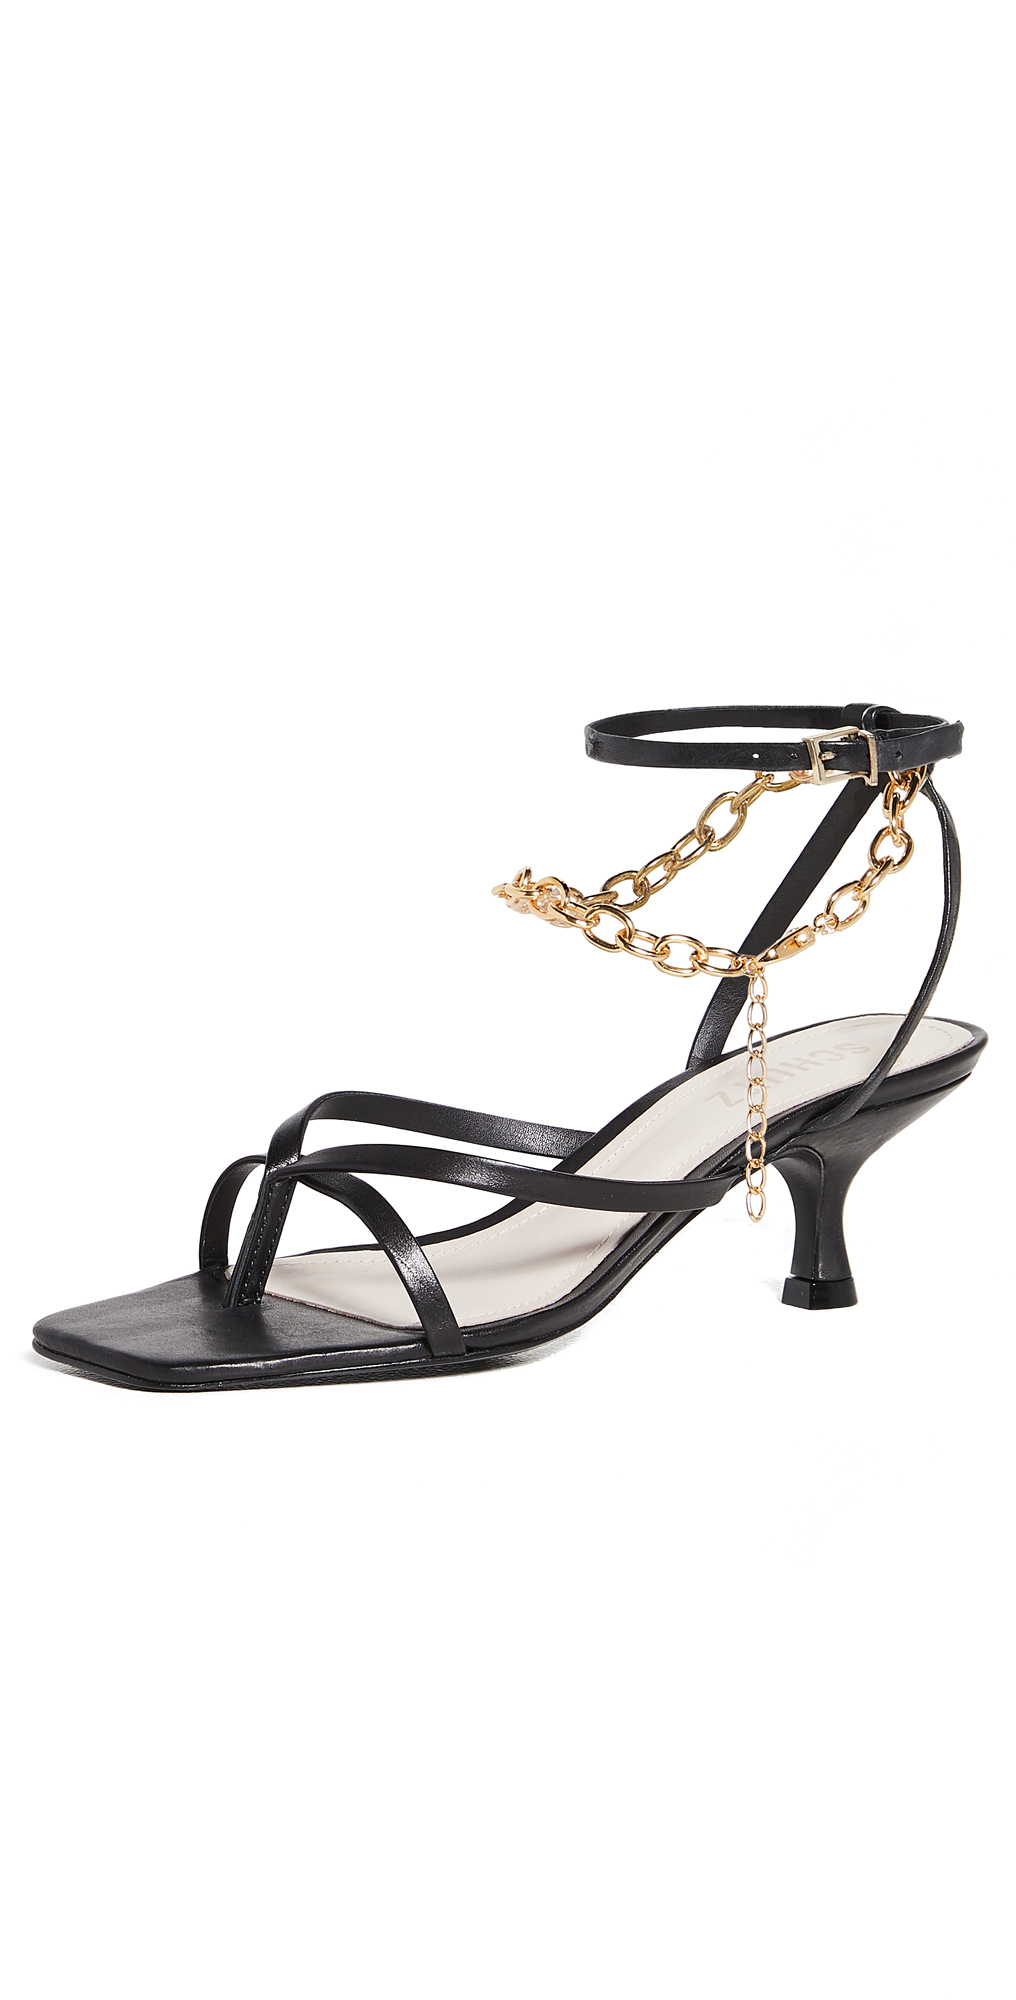 Schutz Sanny Sandals